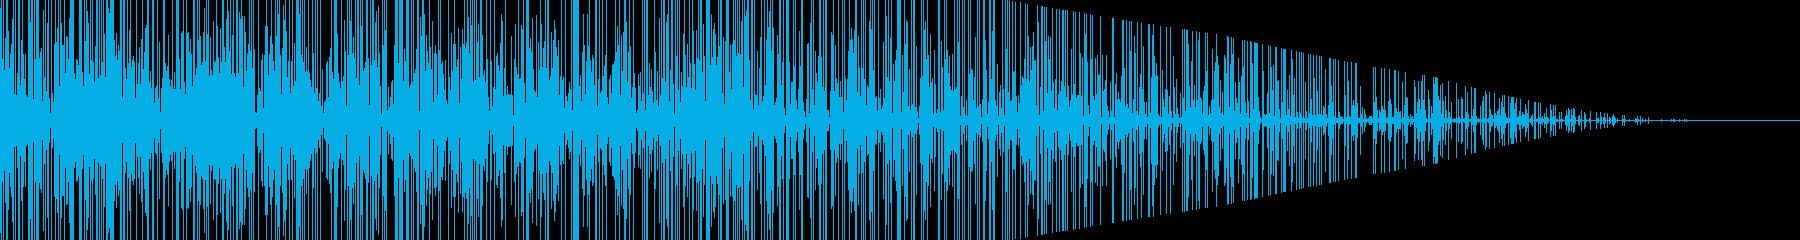 パチパチ…枯れ木と燃やしている音の再生済みの波形